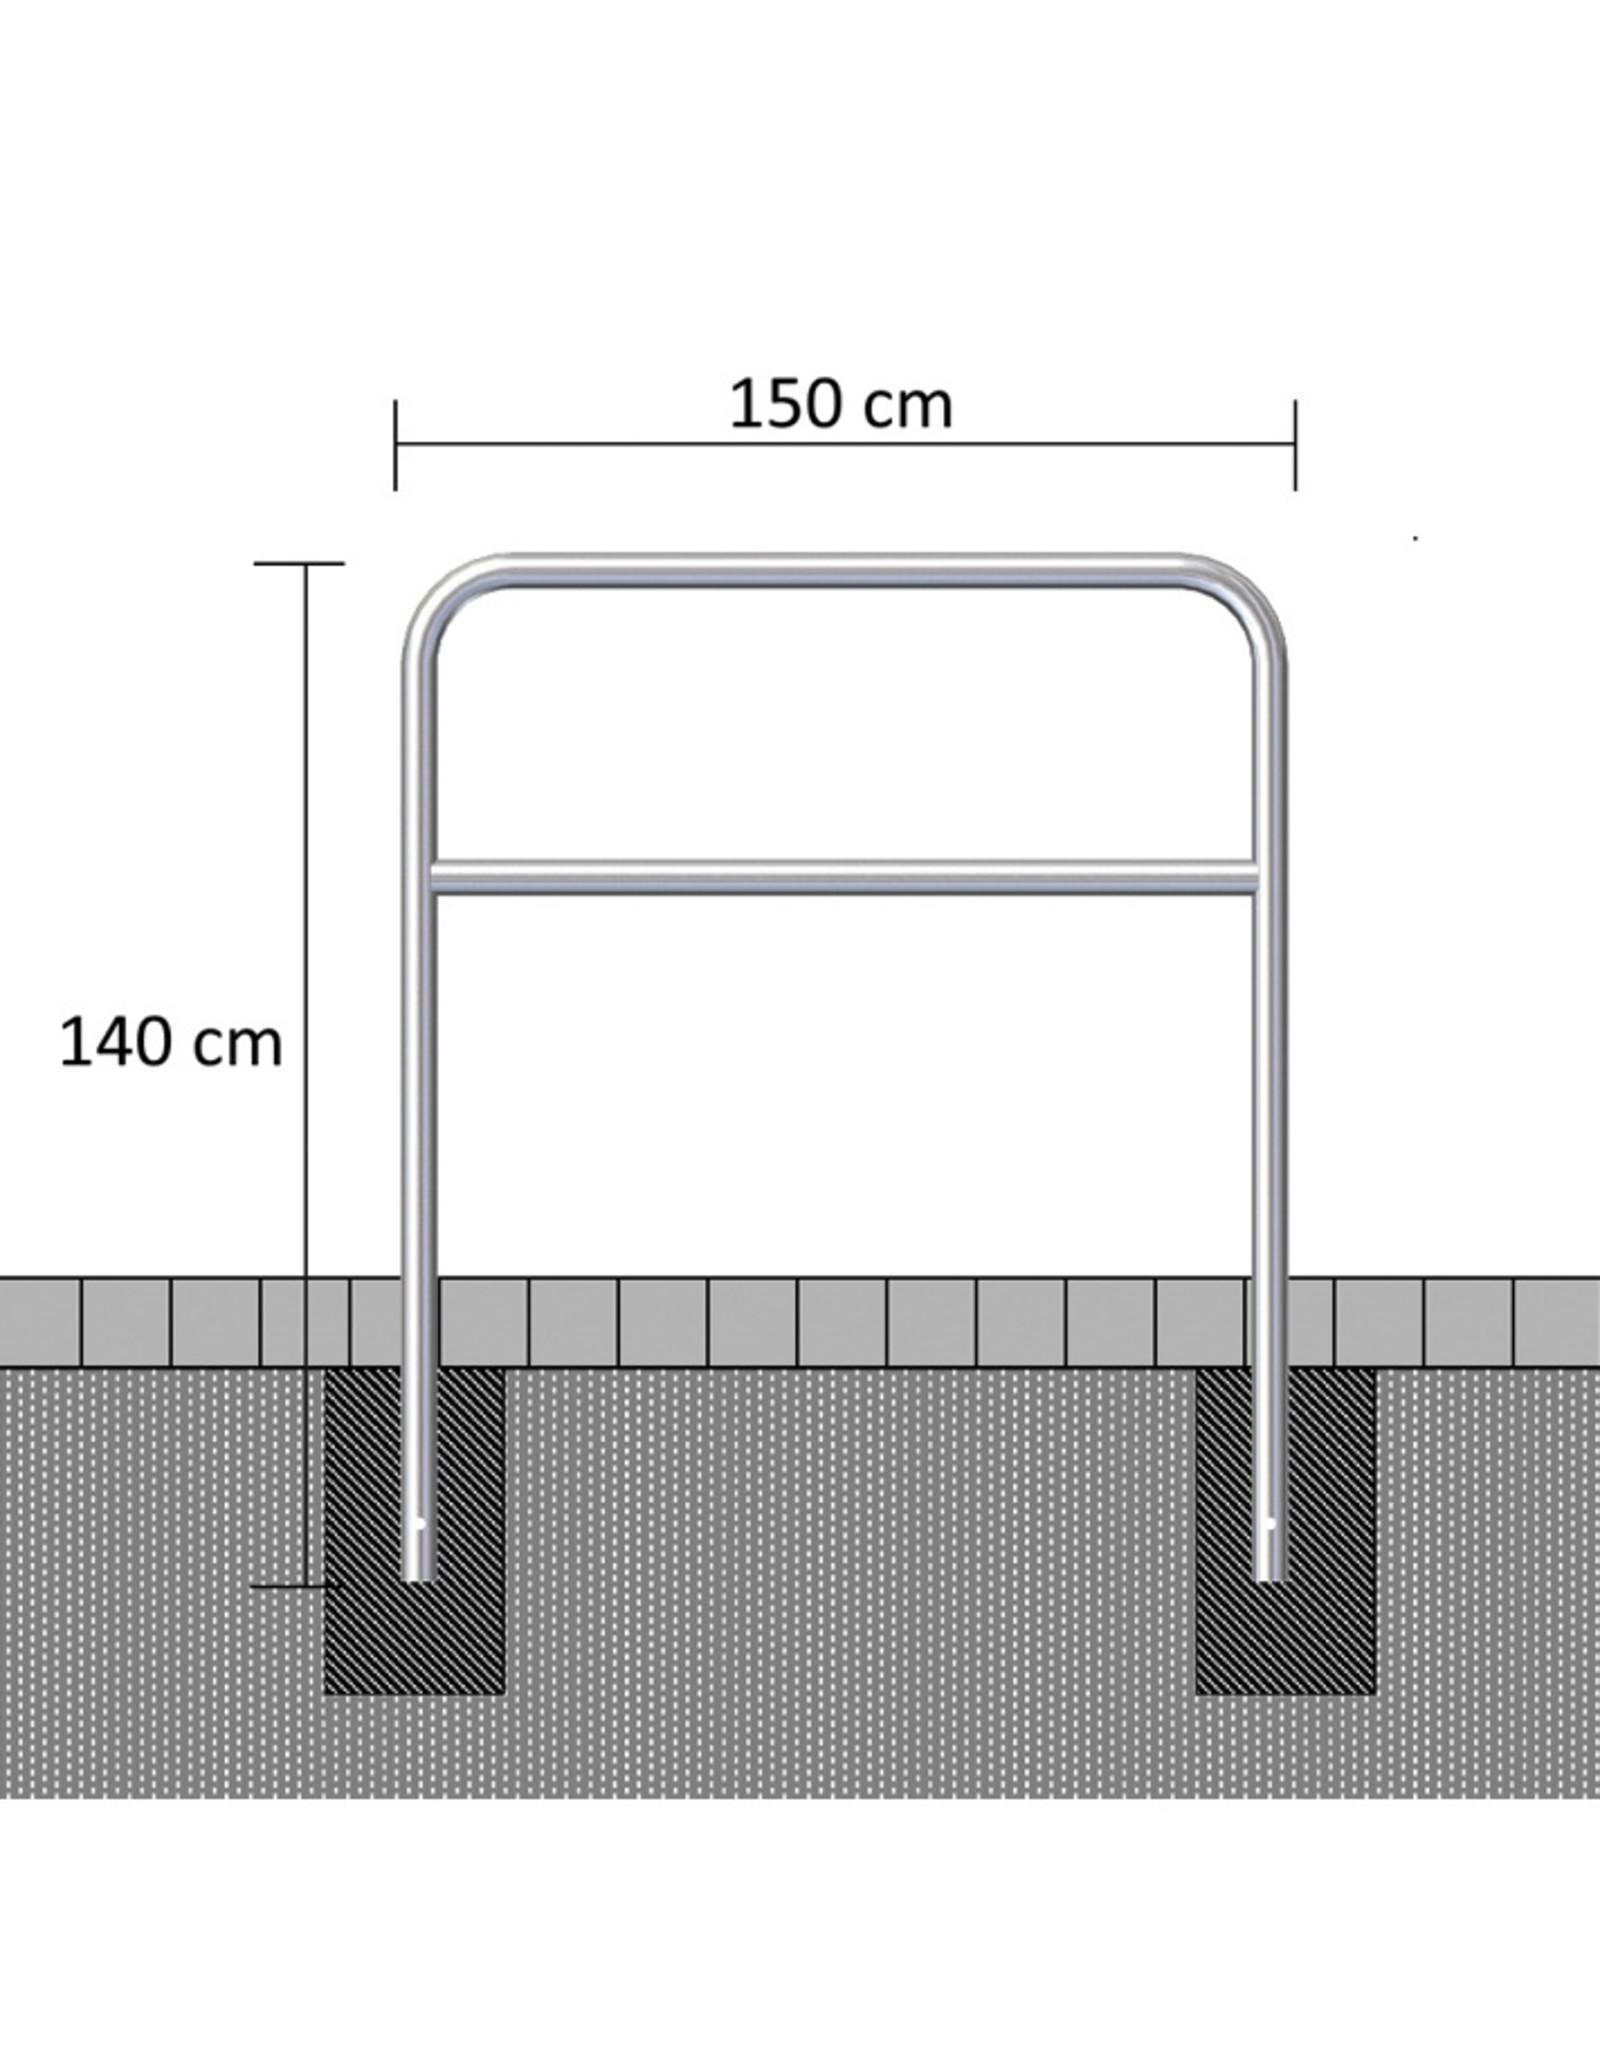 Ri-Traffic | Sluishekken Staal Gegalvaniseerd 150 cm x 140 cm